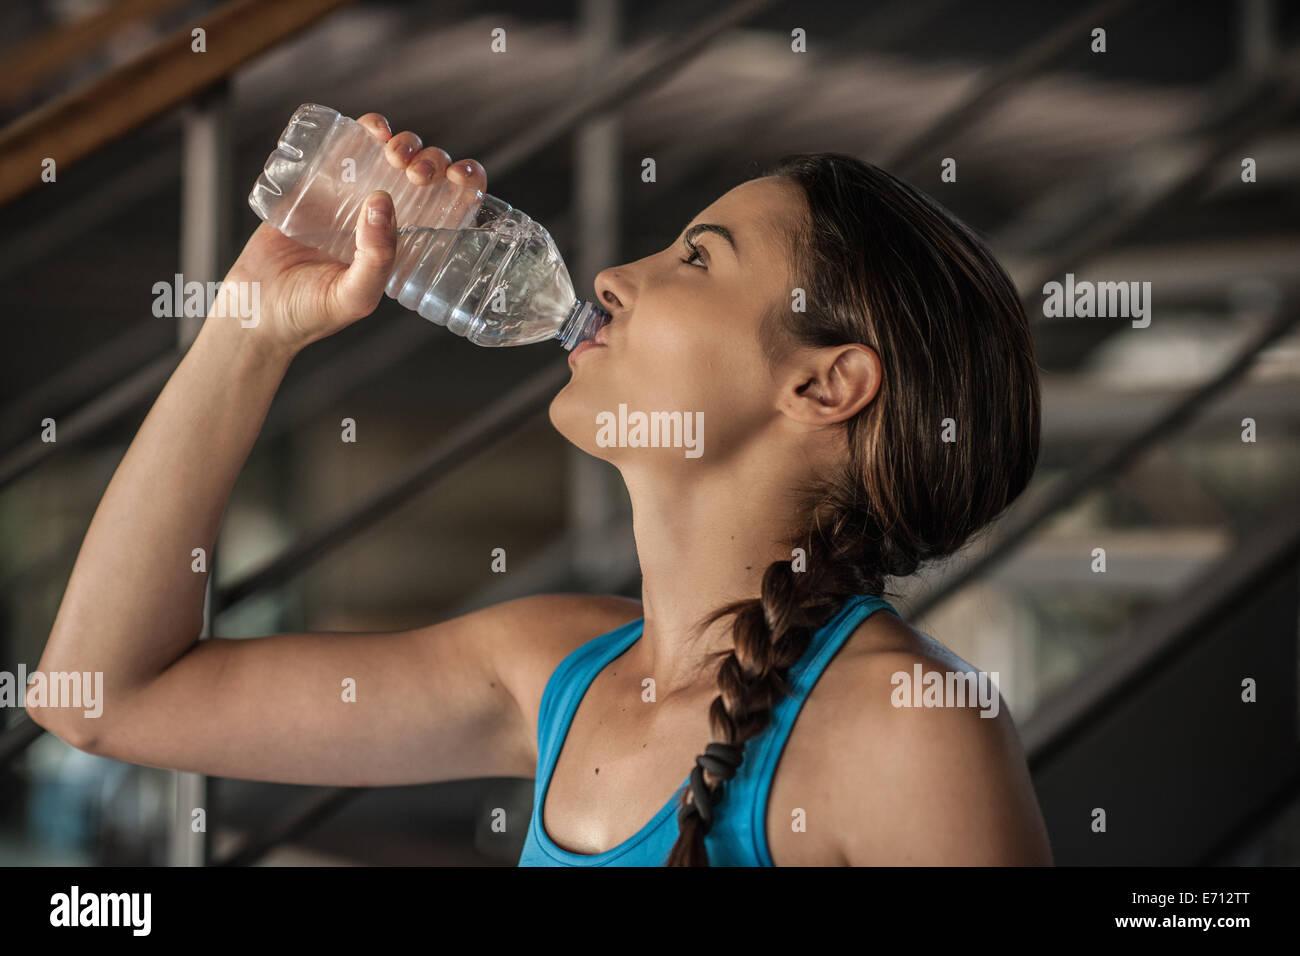 Giovane donna acqua potabile da bottiglia Immagini Stock